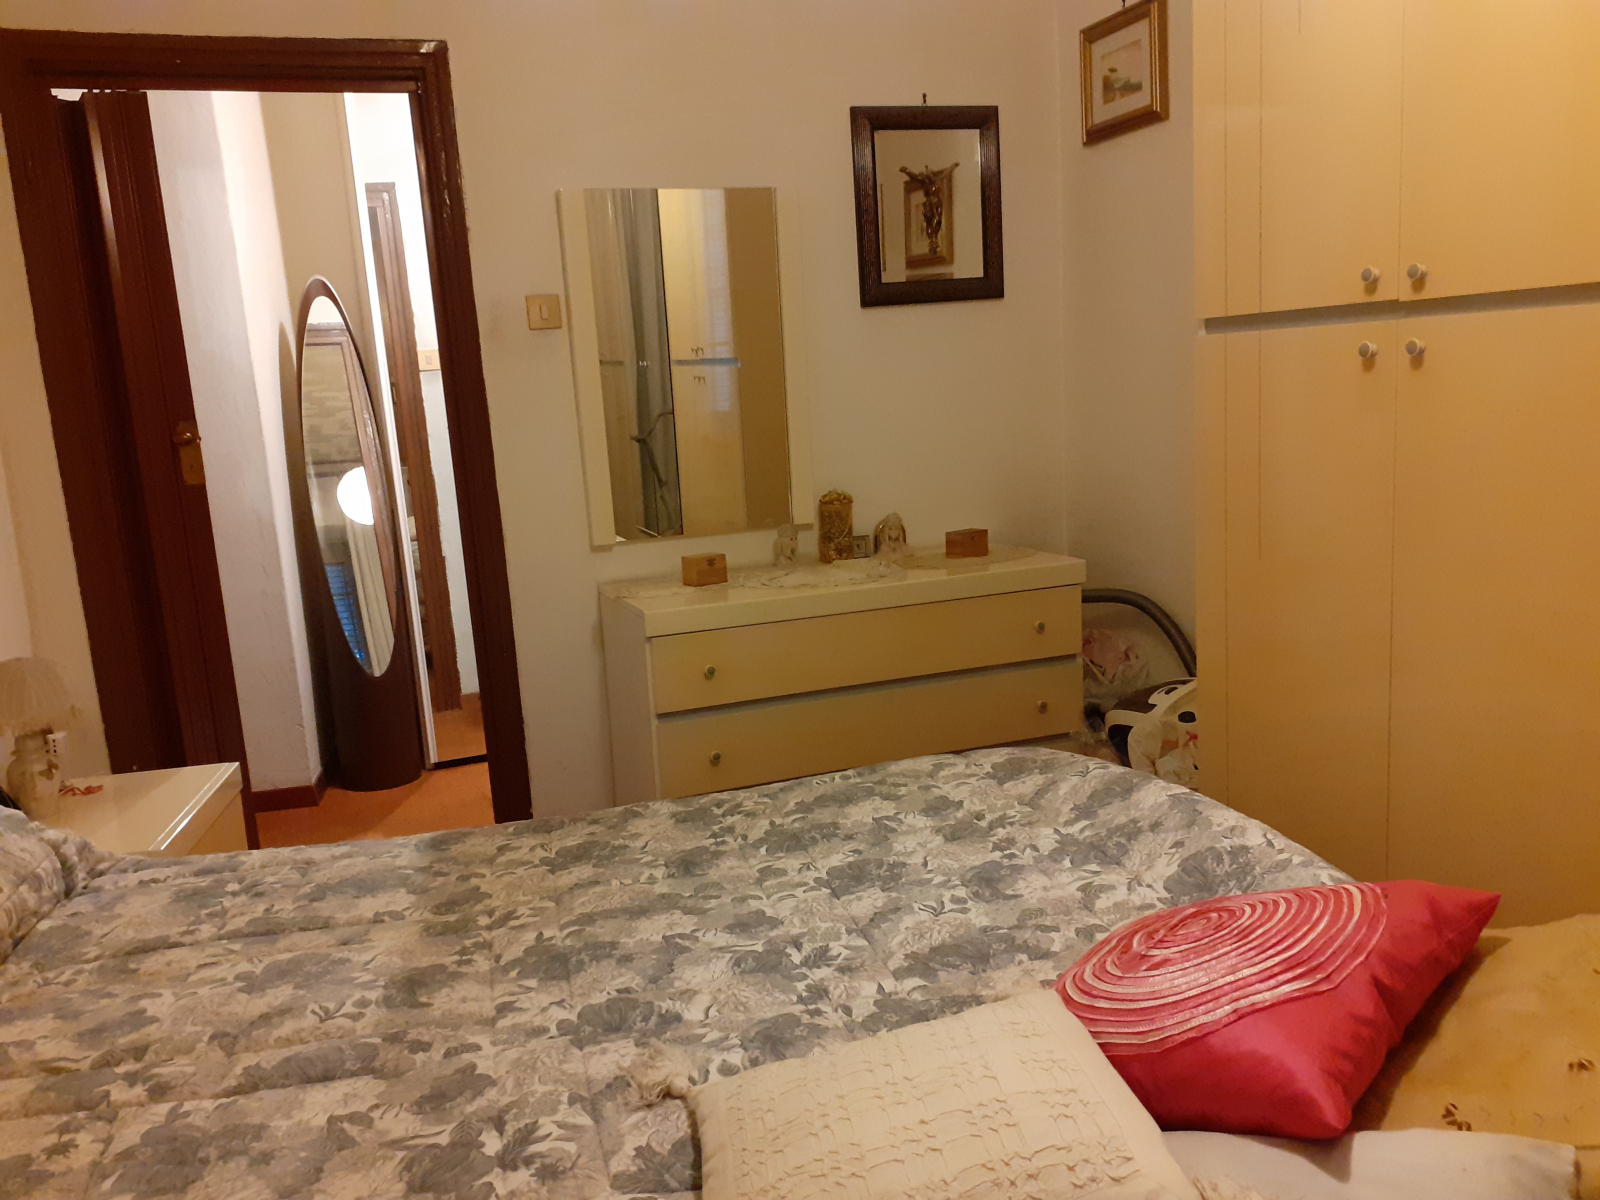 appartamento-in-vendita-a-baggio-milano-2-locali-bilocale-spaziourbano-immobiliare-vende-3